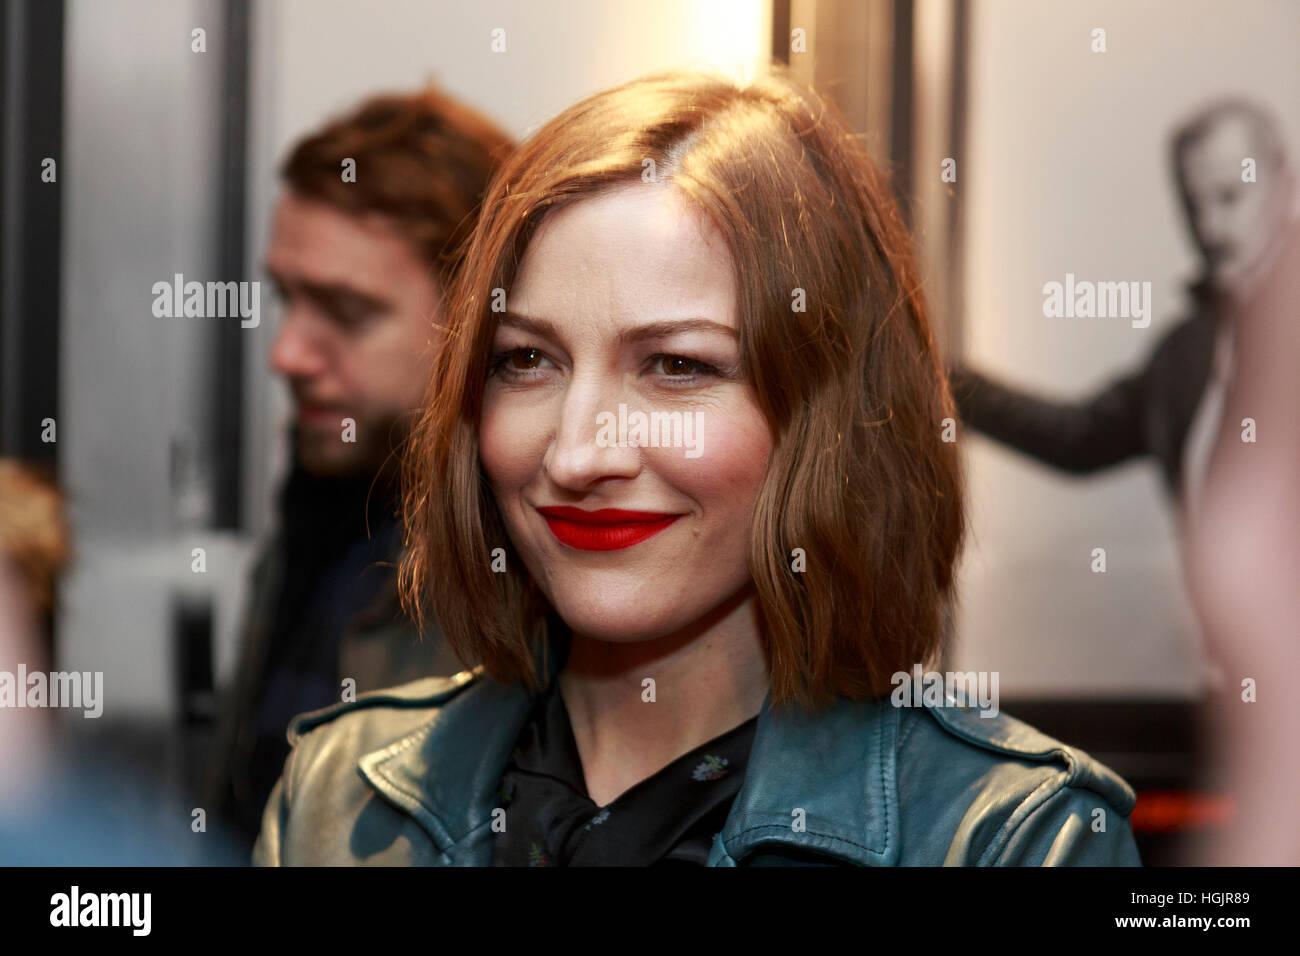 Edimburgo, Reino Unido. El 22 de enero, 2017. T2 Trainspotting premiere en Edimburgo Cineworld. Escocia. Foto de Foto de stock